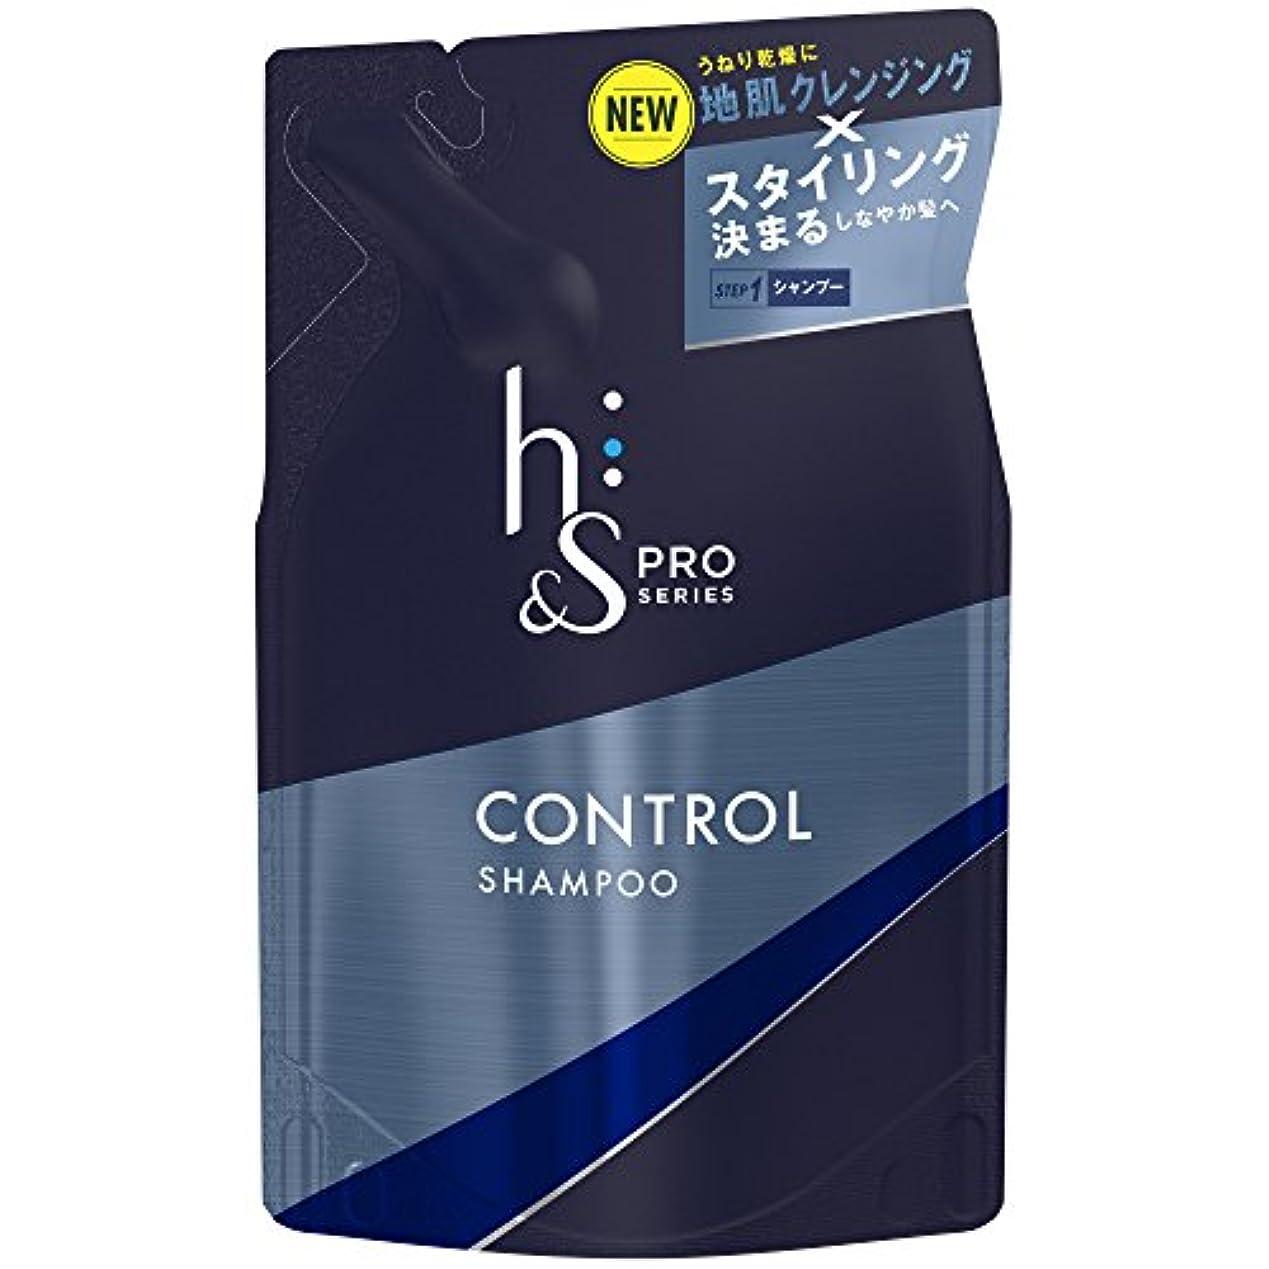 オークション図群がるh&s シャンプー PRO Series コントロール 詰め替え 300mL